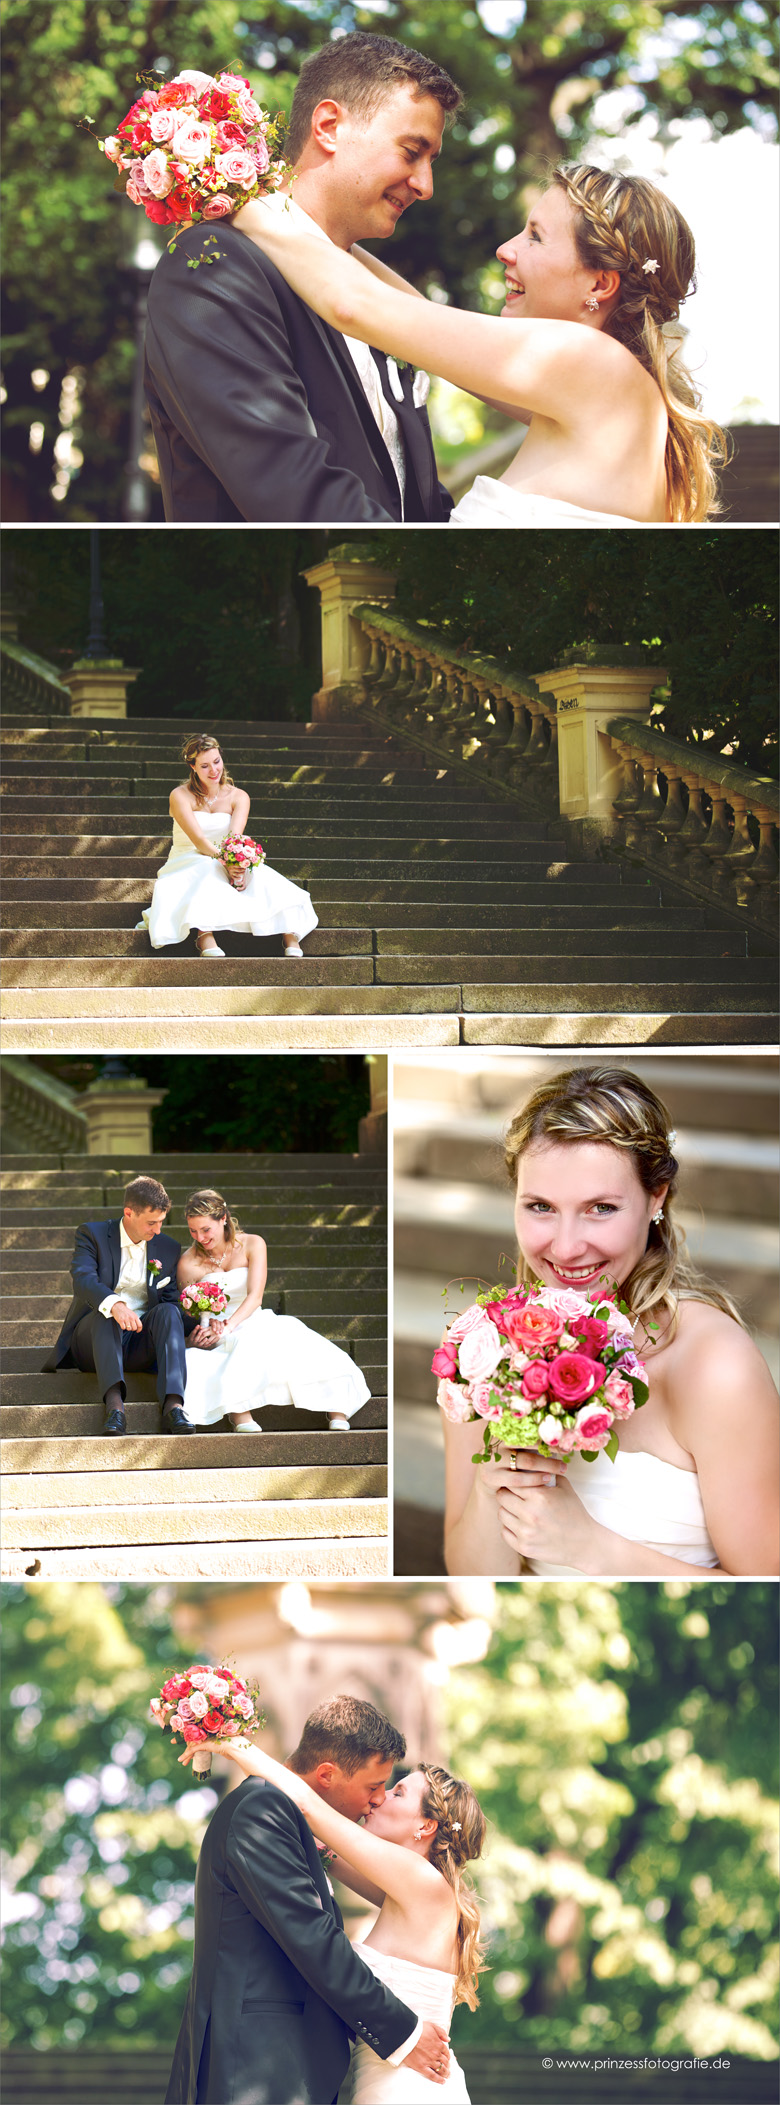 Professionelle Hochzeitsfotografen Freiberg Dresden